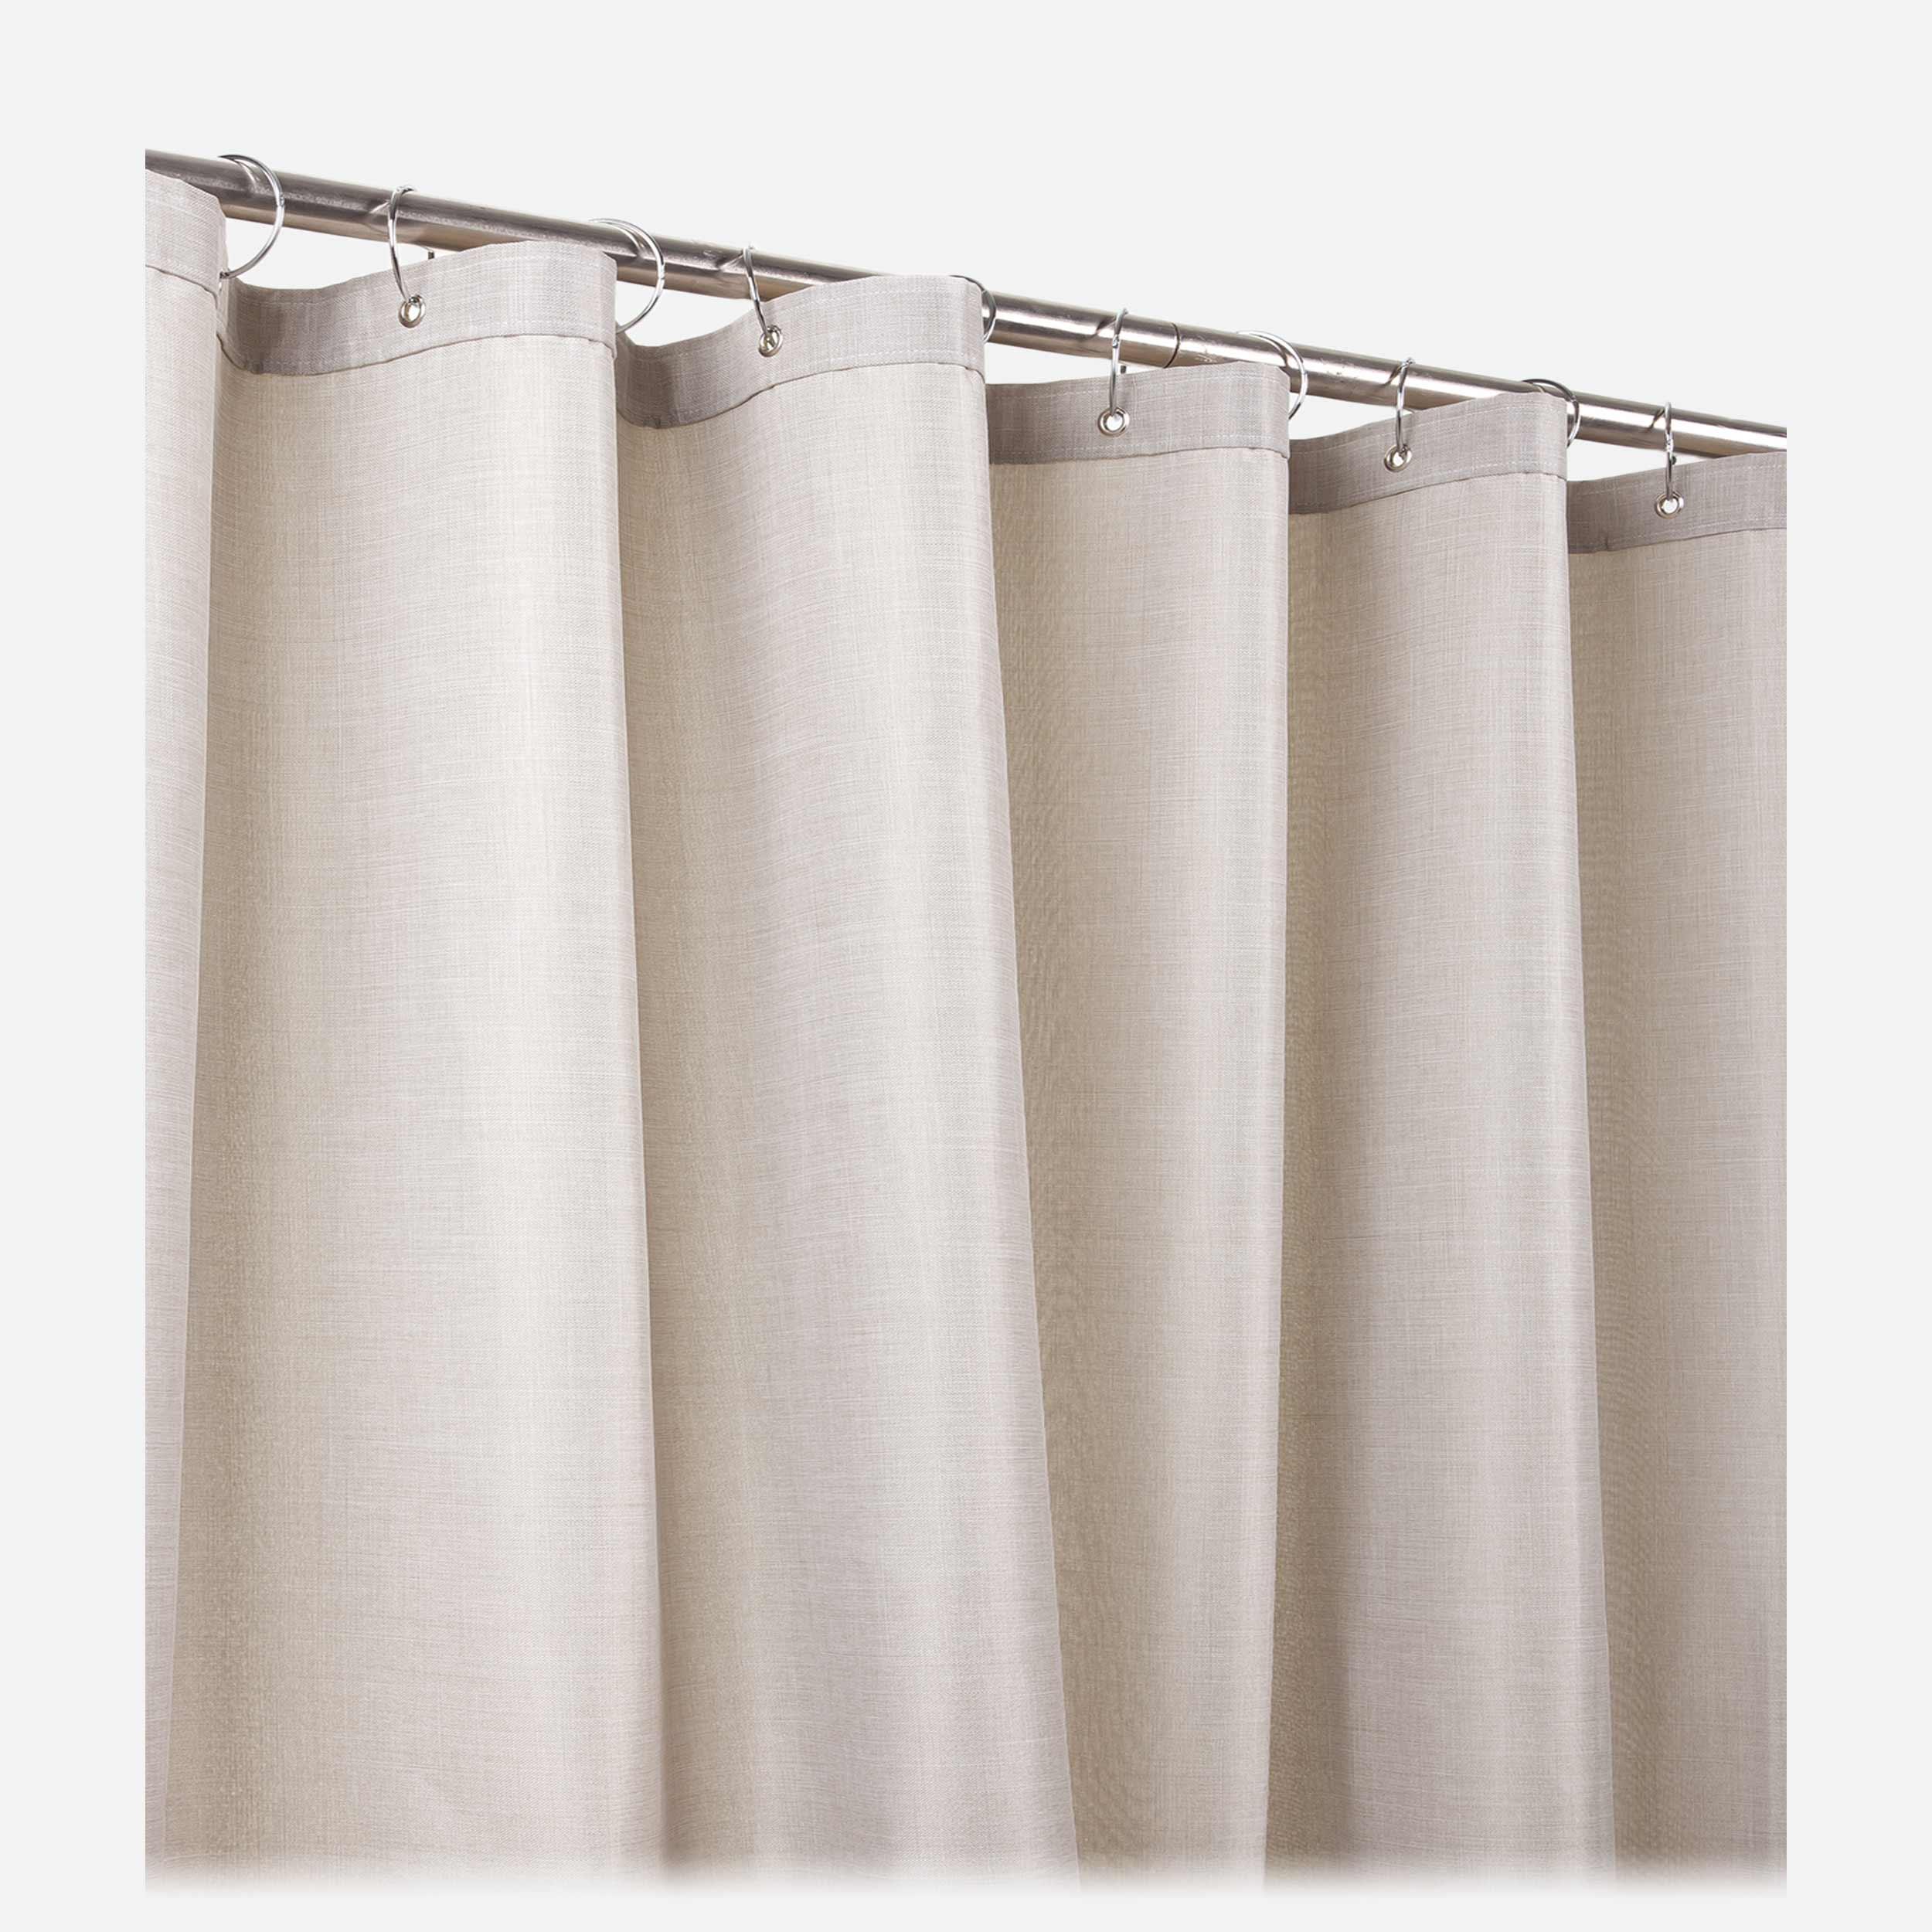 Duschen Mit Stil Unserem Hochwertigen Duschvorhang MOVE Shower Curtain